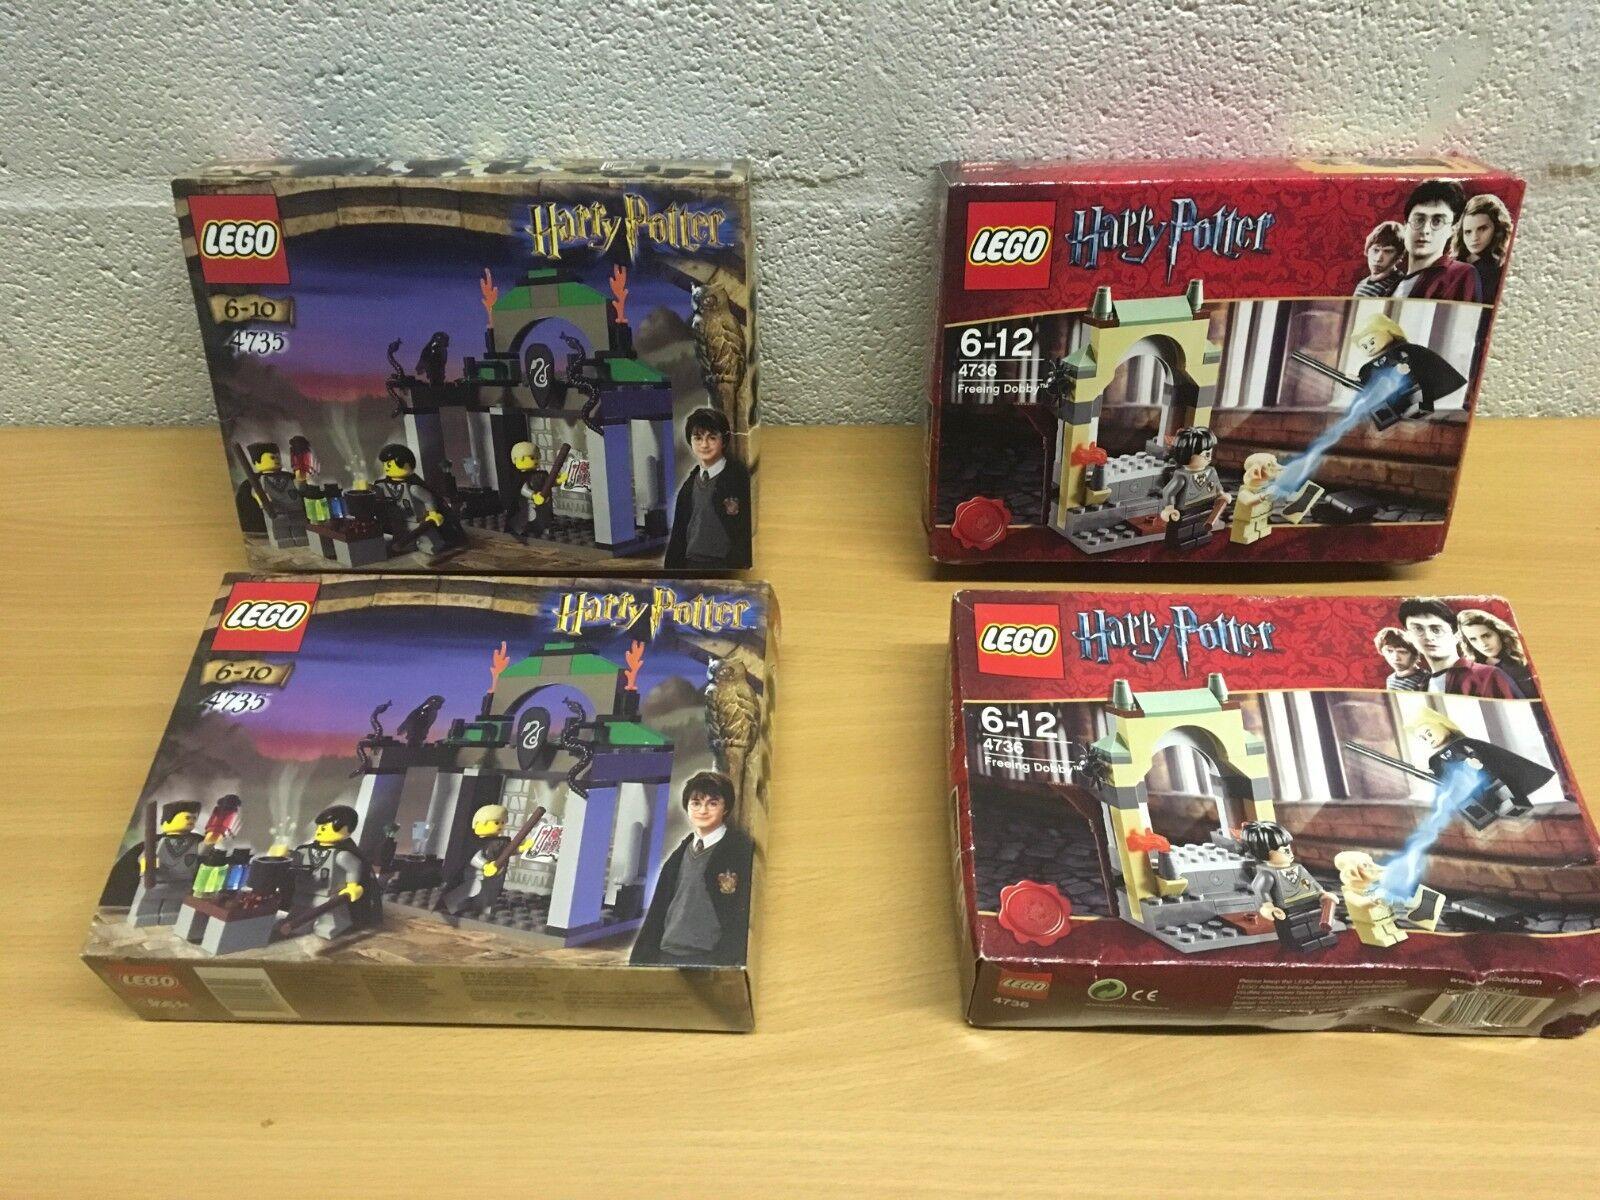 Lego Harry Potter 4735 4736 Neuf Scellé Serpentard  ou Libreing Dobby  meilleurs prix et styles les plus frais